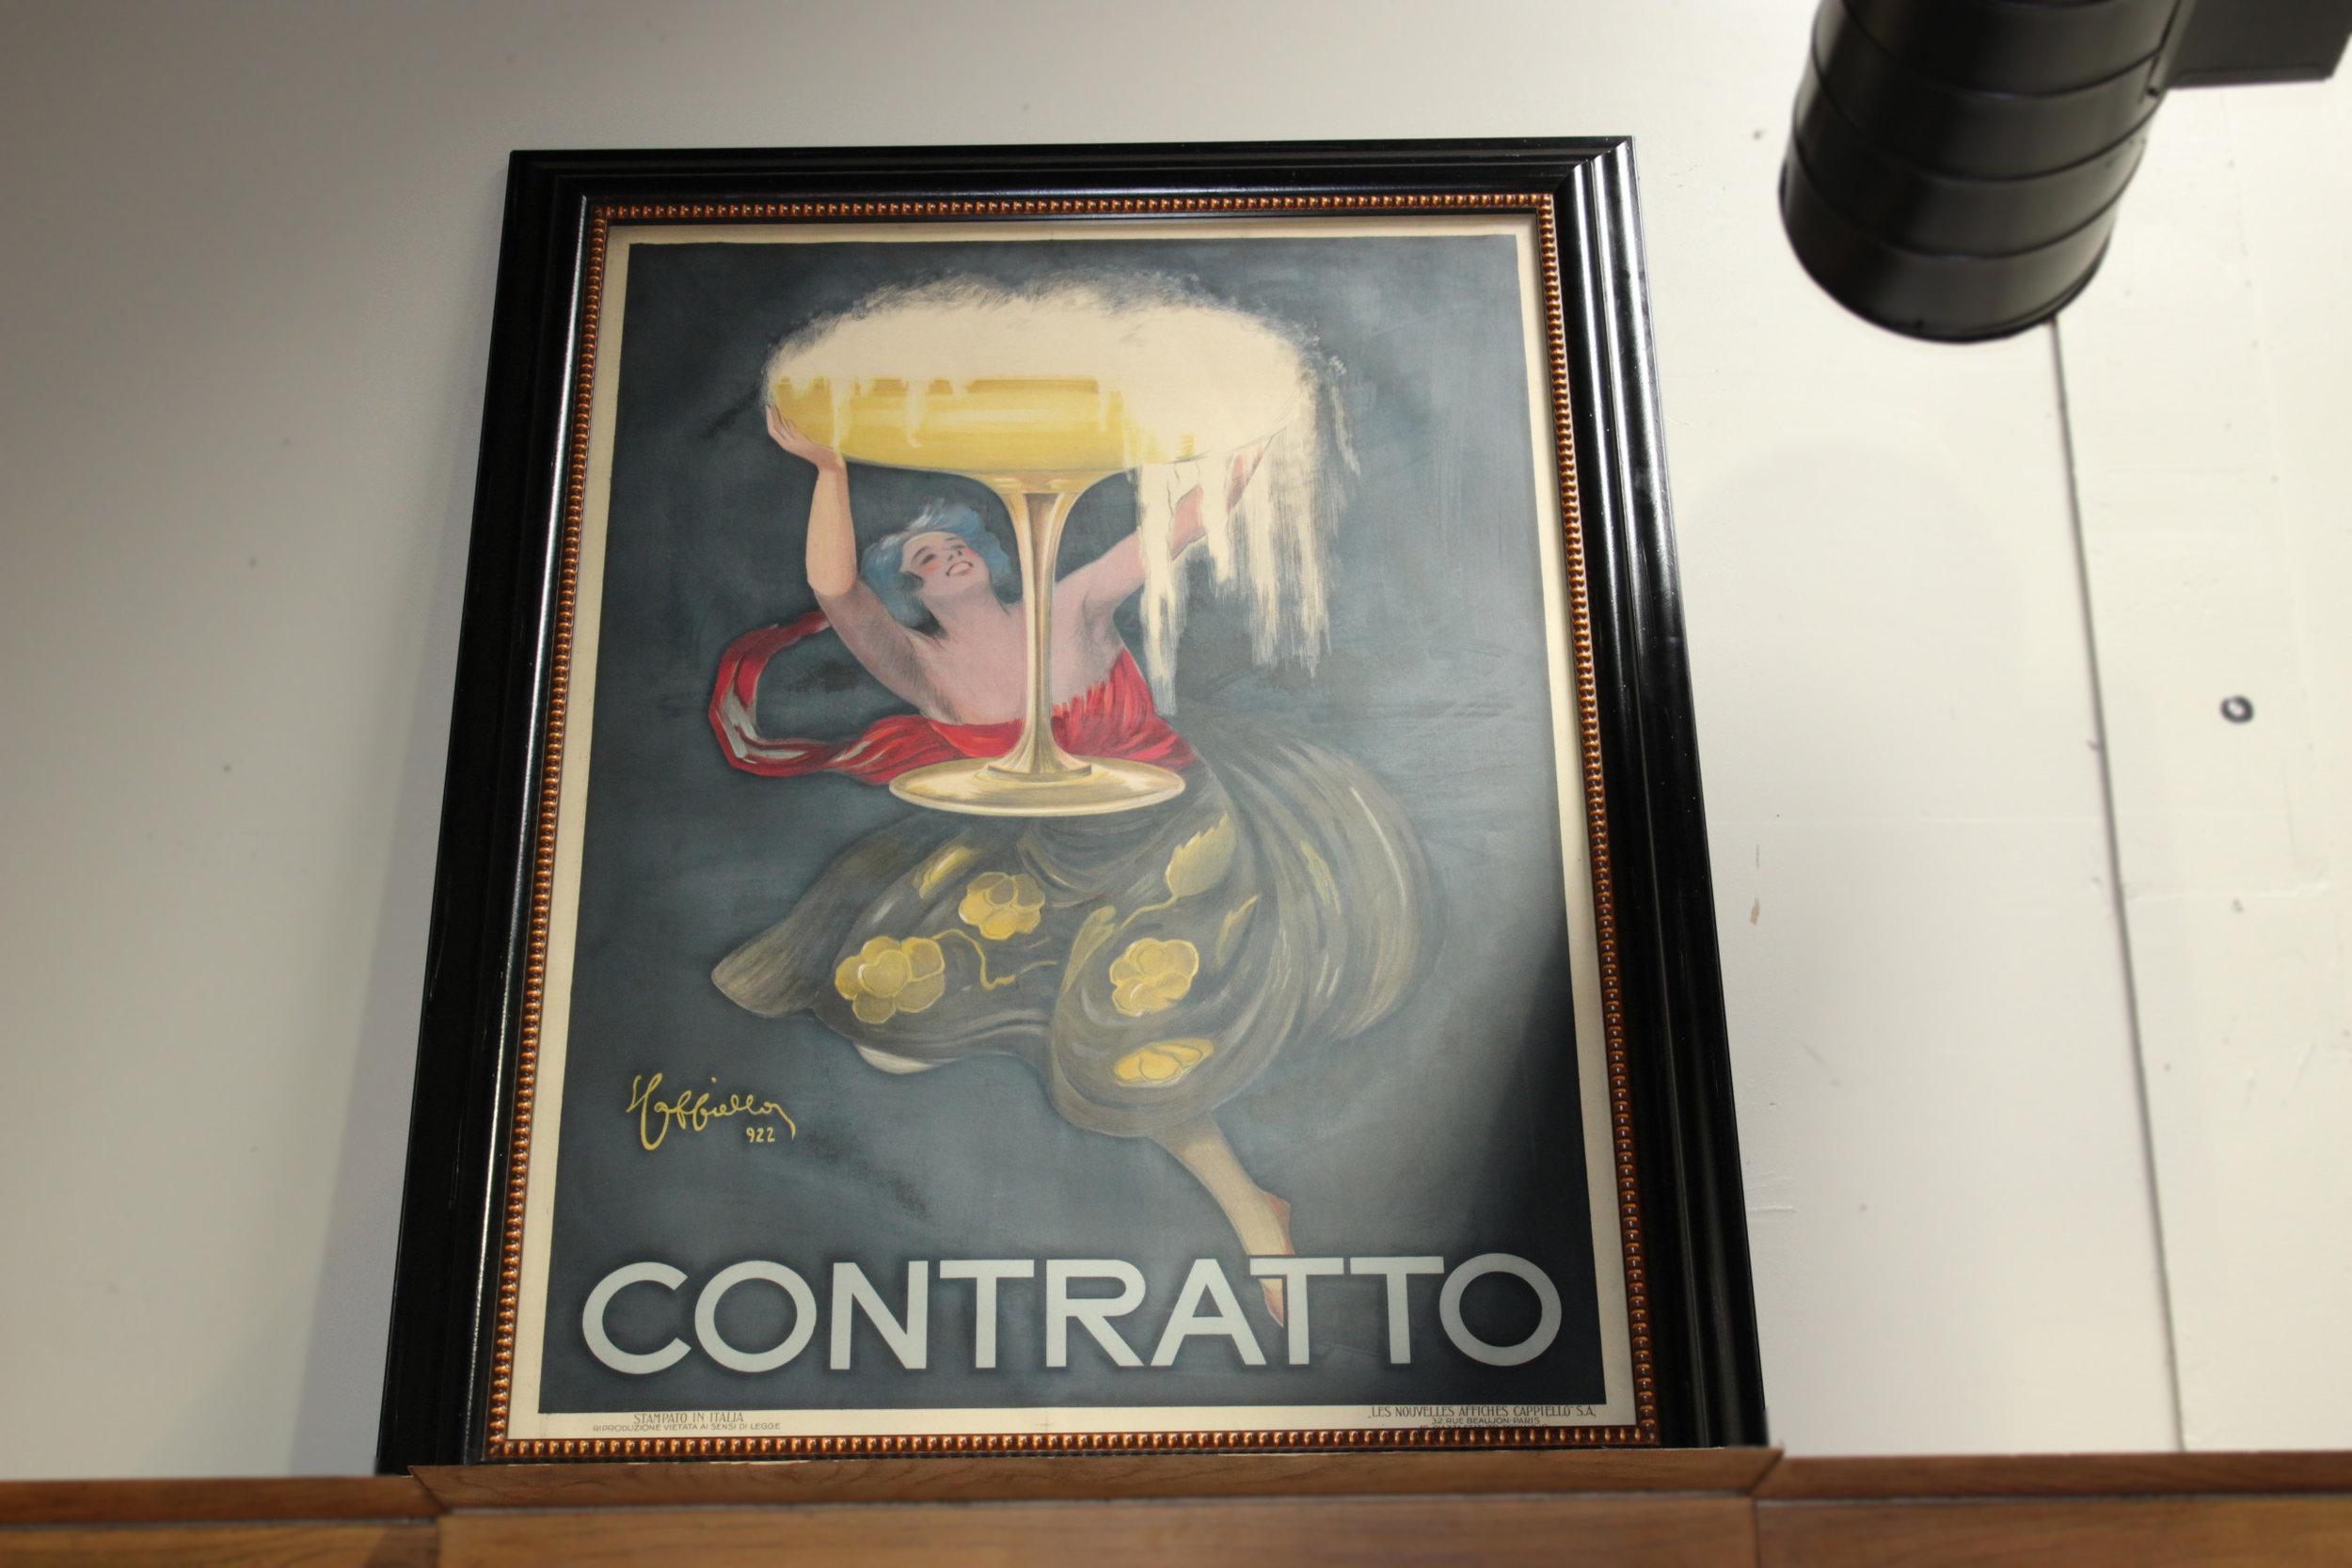 Contratto Champagne Poster